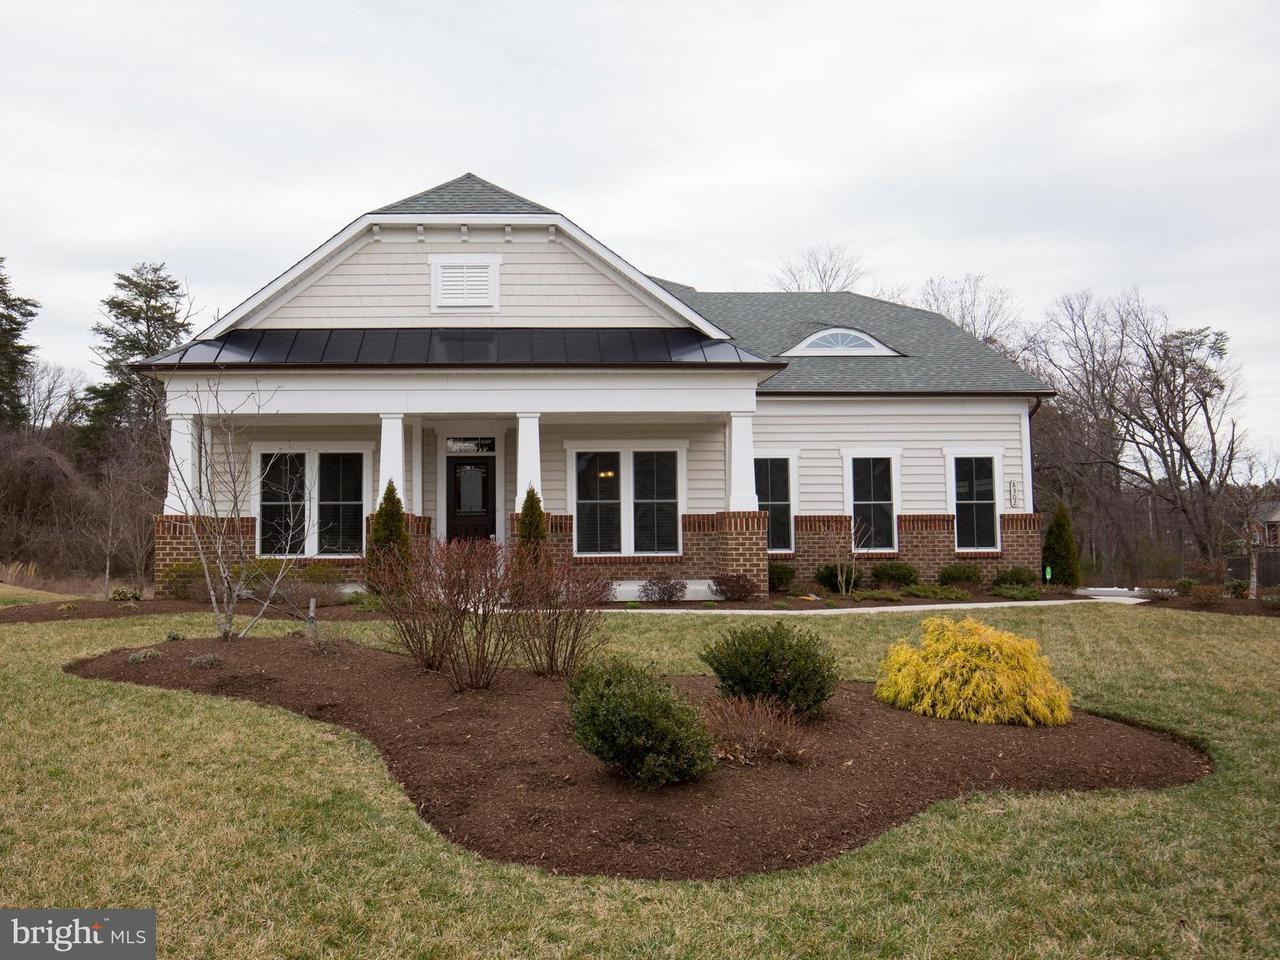 独户住宅 为 销售 在 8302 Carli Court 8302 Carli Court Millersville, 马里兰州 21108 美国